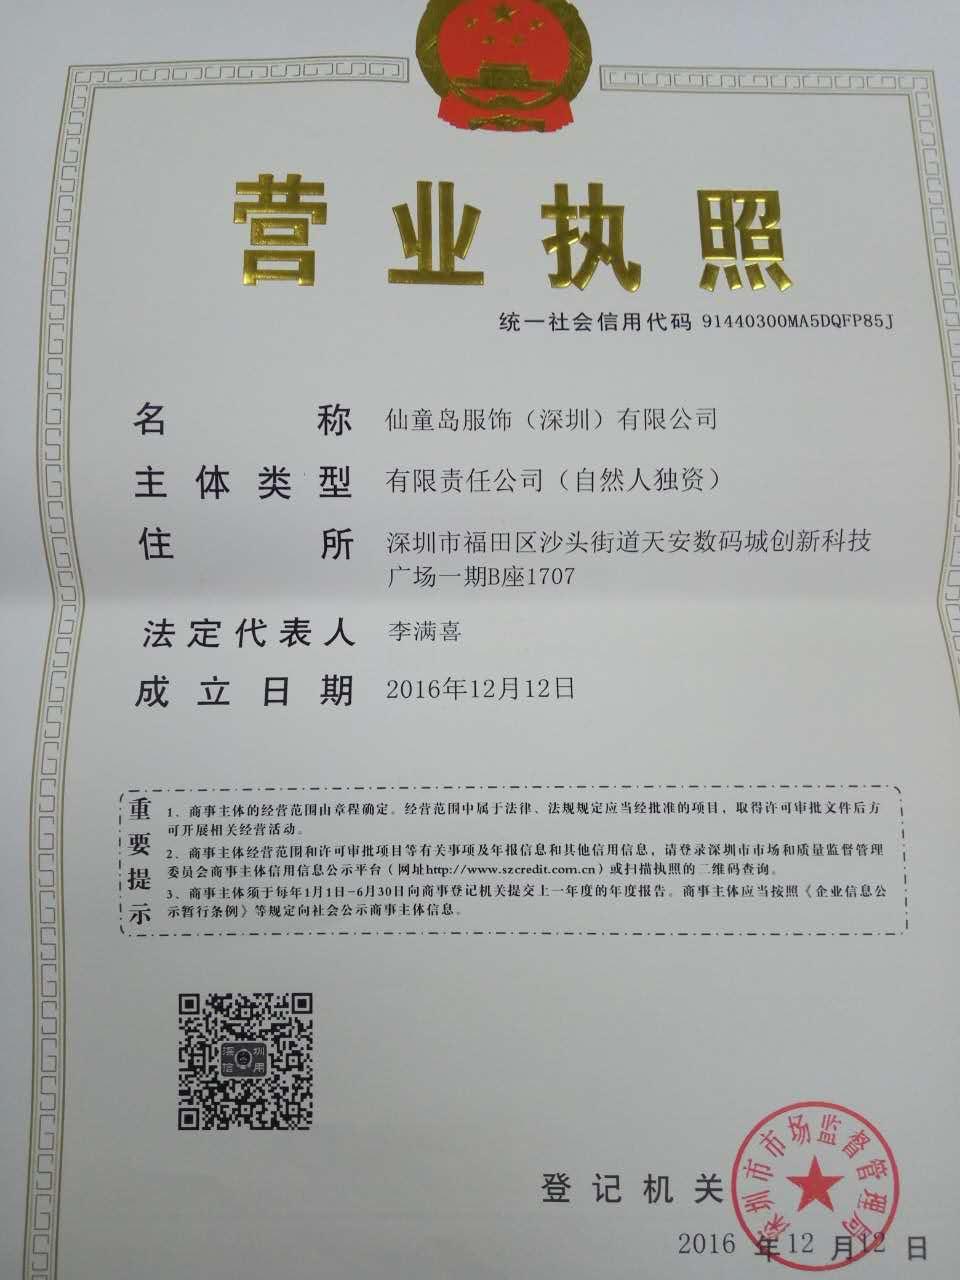 仙童岛服饰(深圳)有限公司企业档案